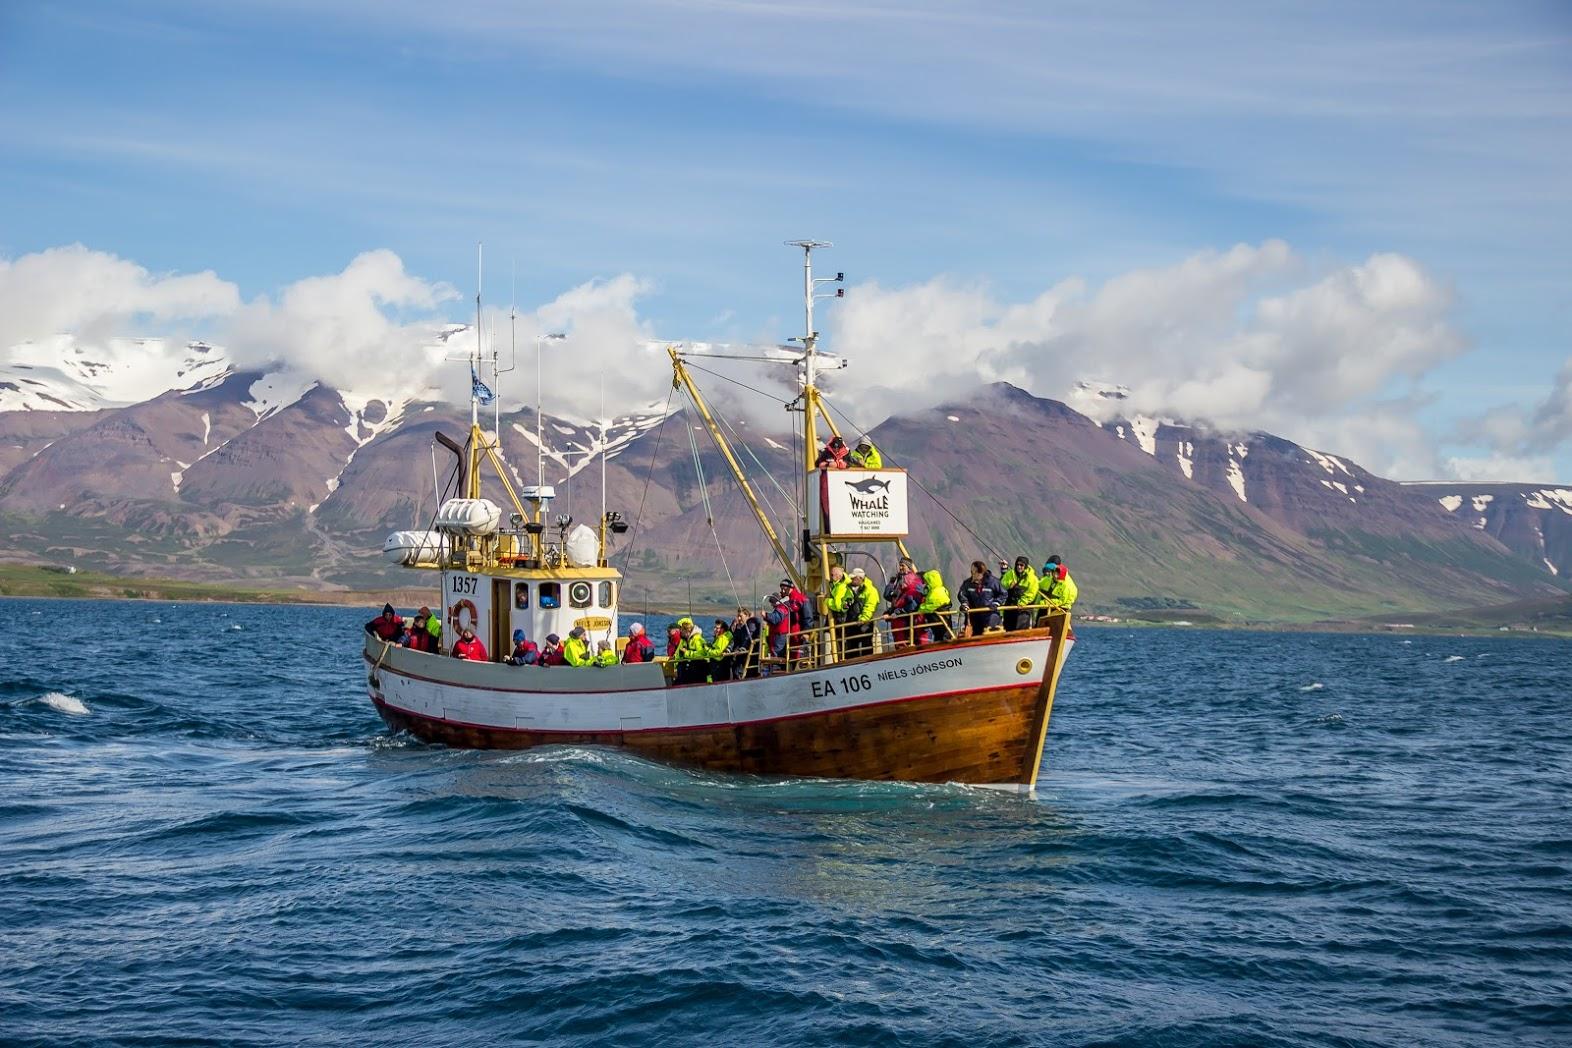 北部冰岛非常适宜赏鲸,有全冰岛最高的成功率。